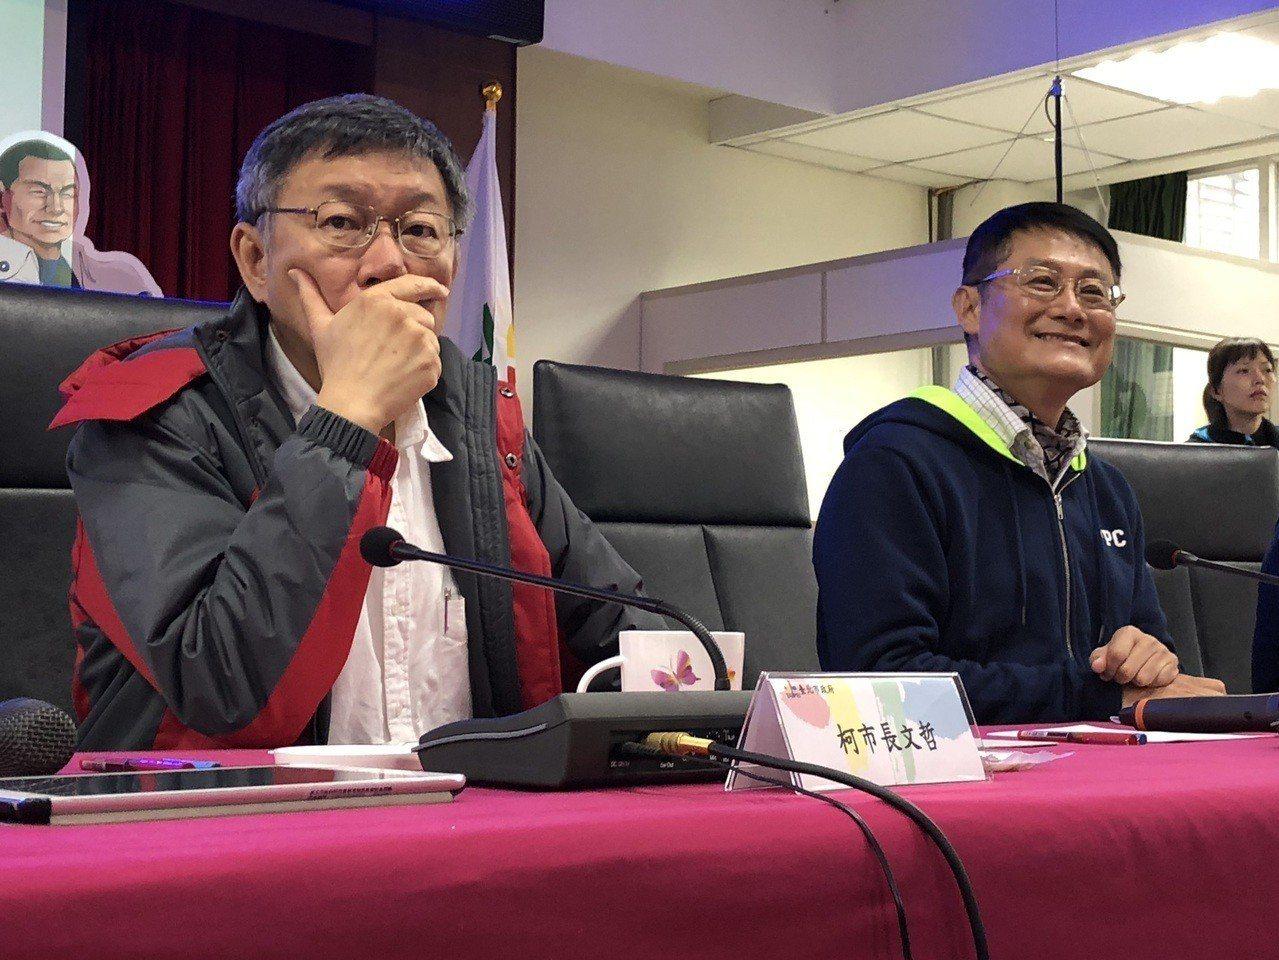 新北市長侯友宜因腰傷無法出席柯侯會,改由副市長陳純敬(右)代理。記者王敏旭/攝影